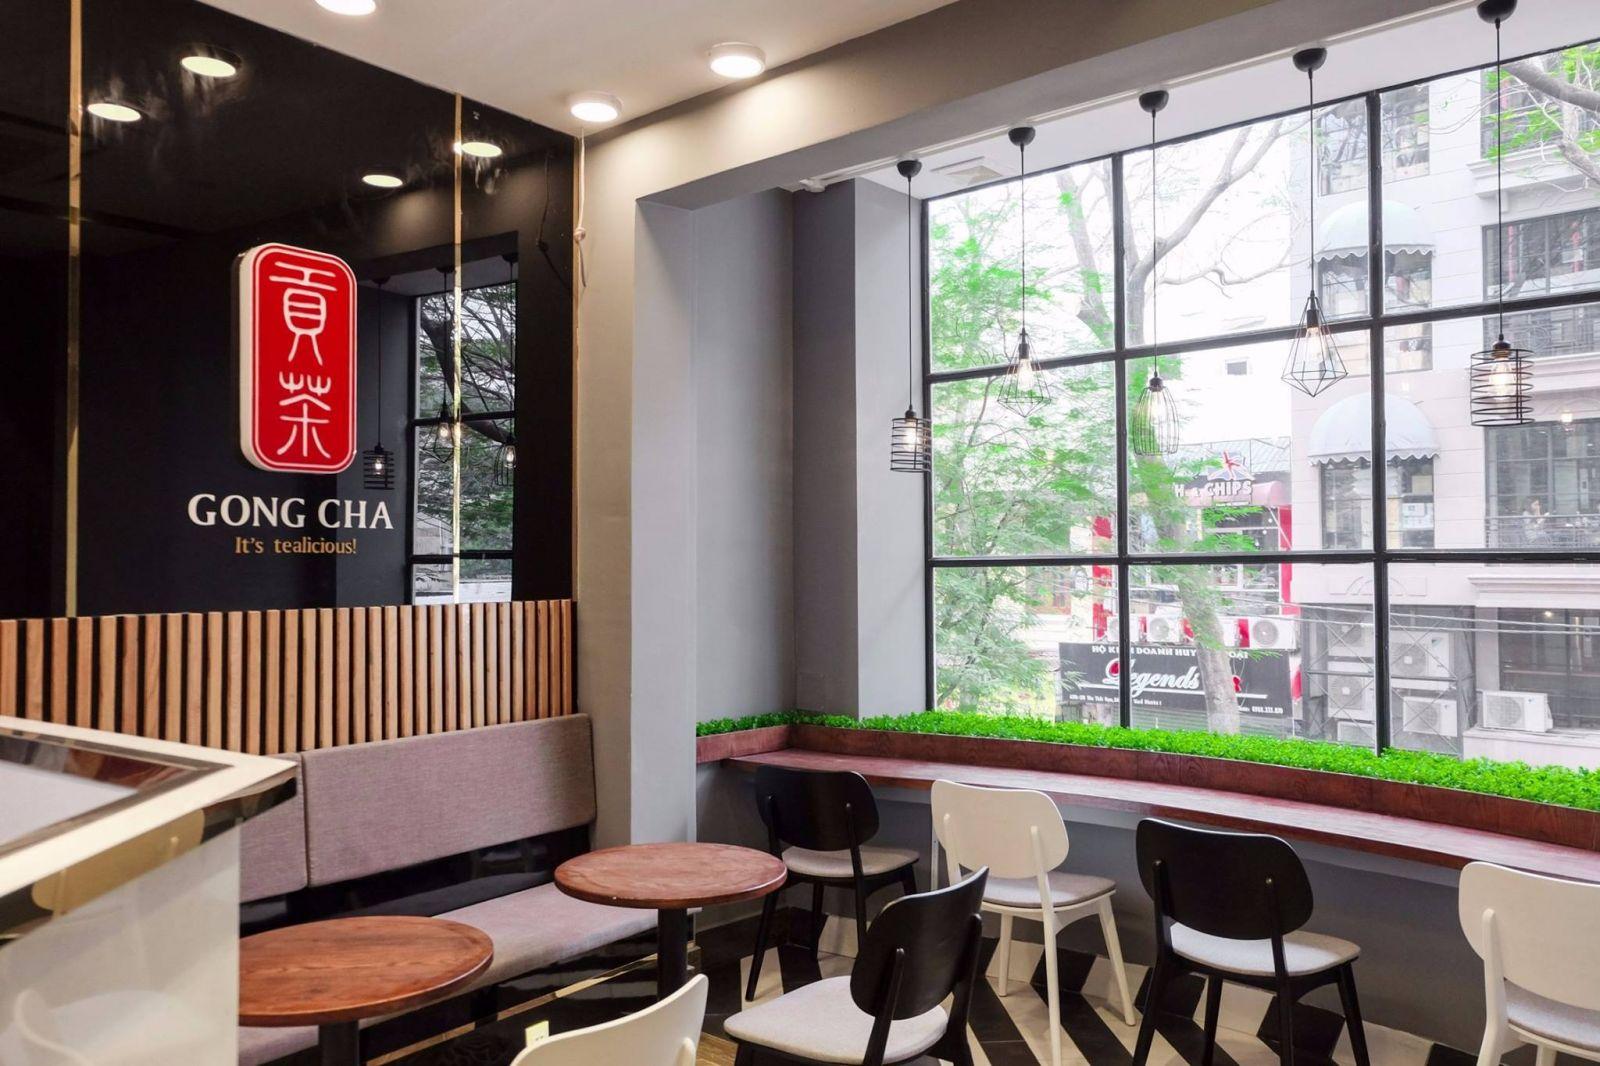 ban-ghe-cafe-khong-gian-noi-that-quan-tra-sua-gongcha-4